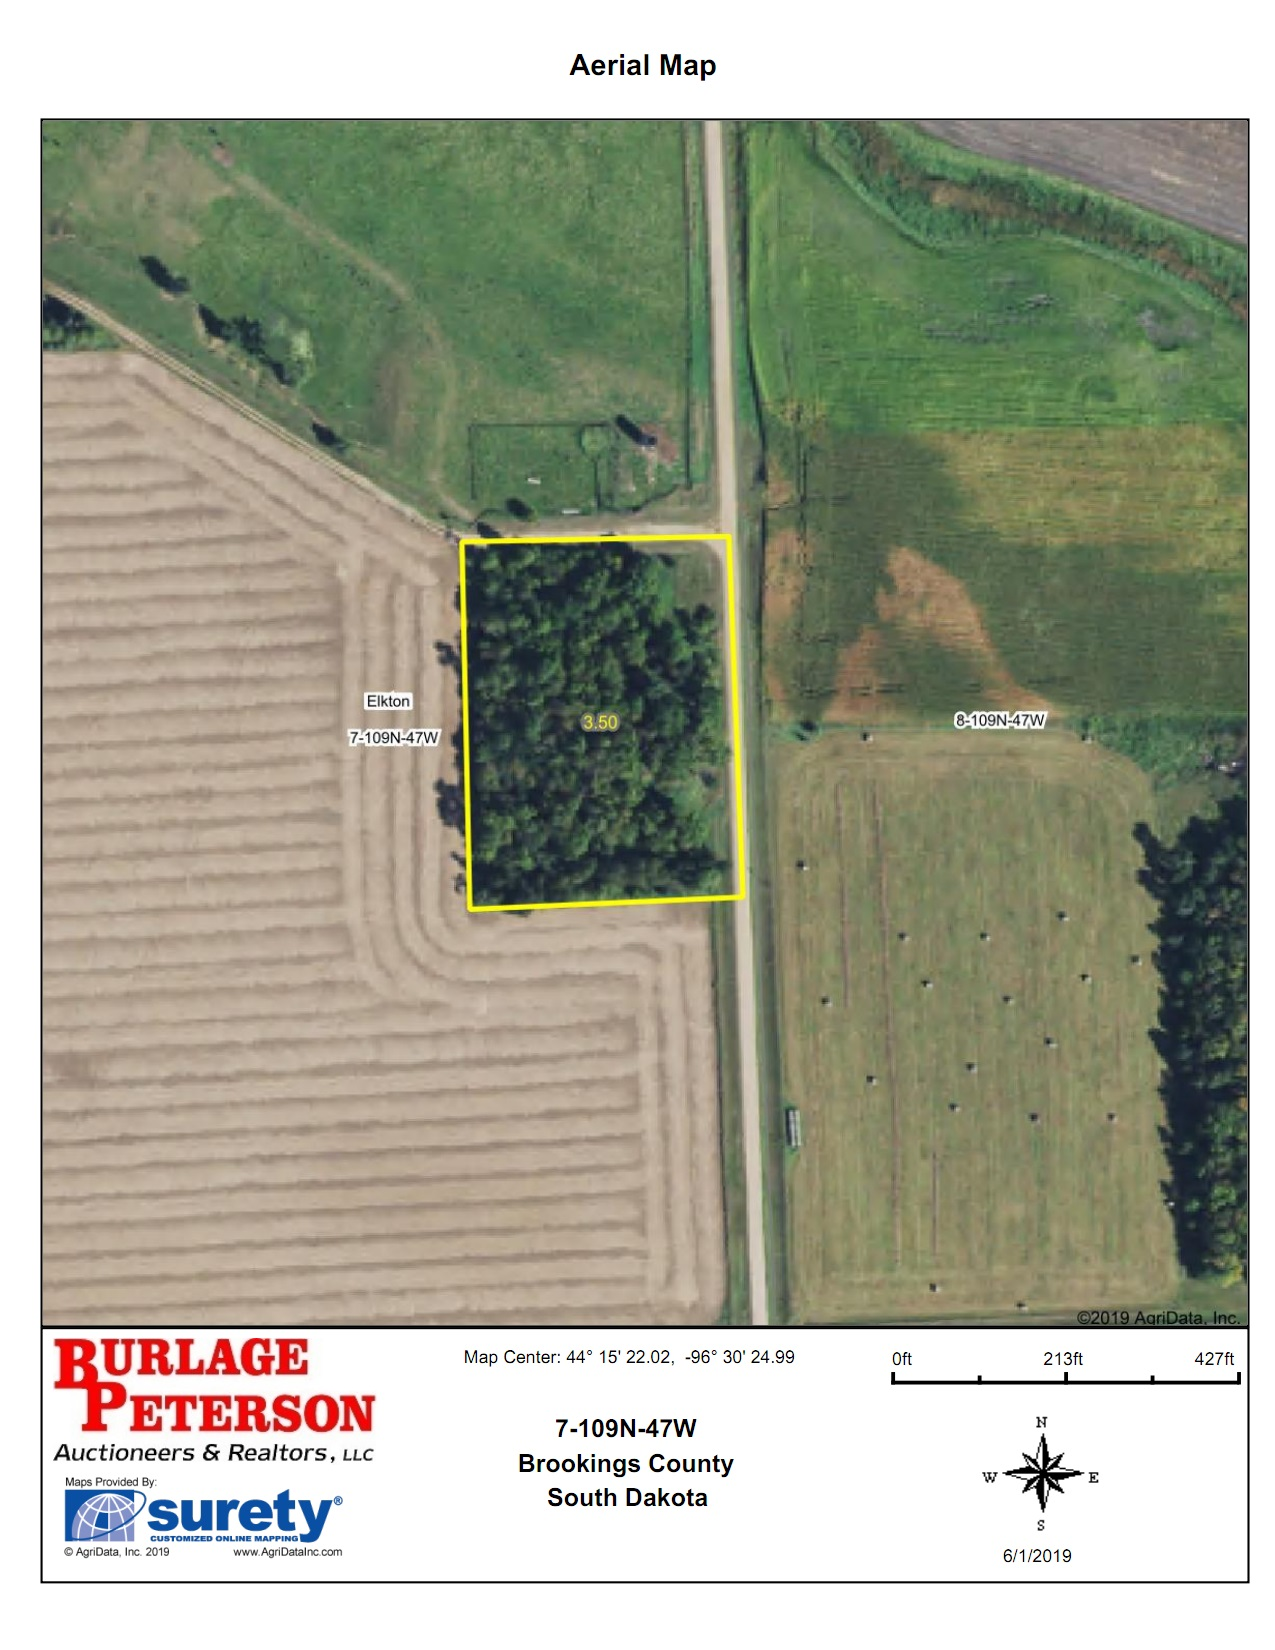 Hegerfeld Aerial Map.jpg